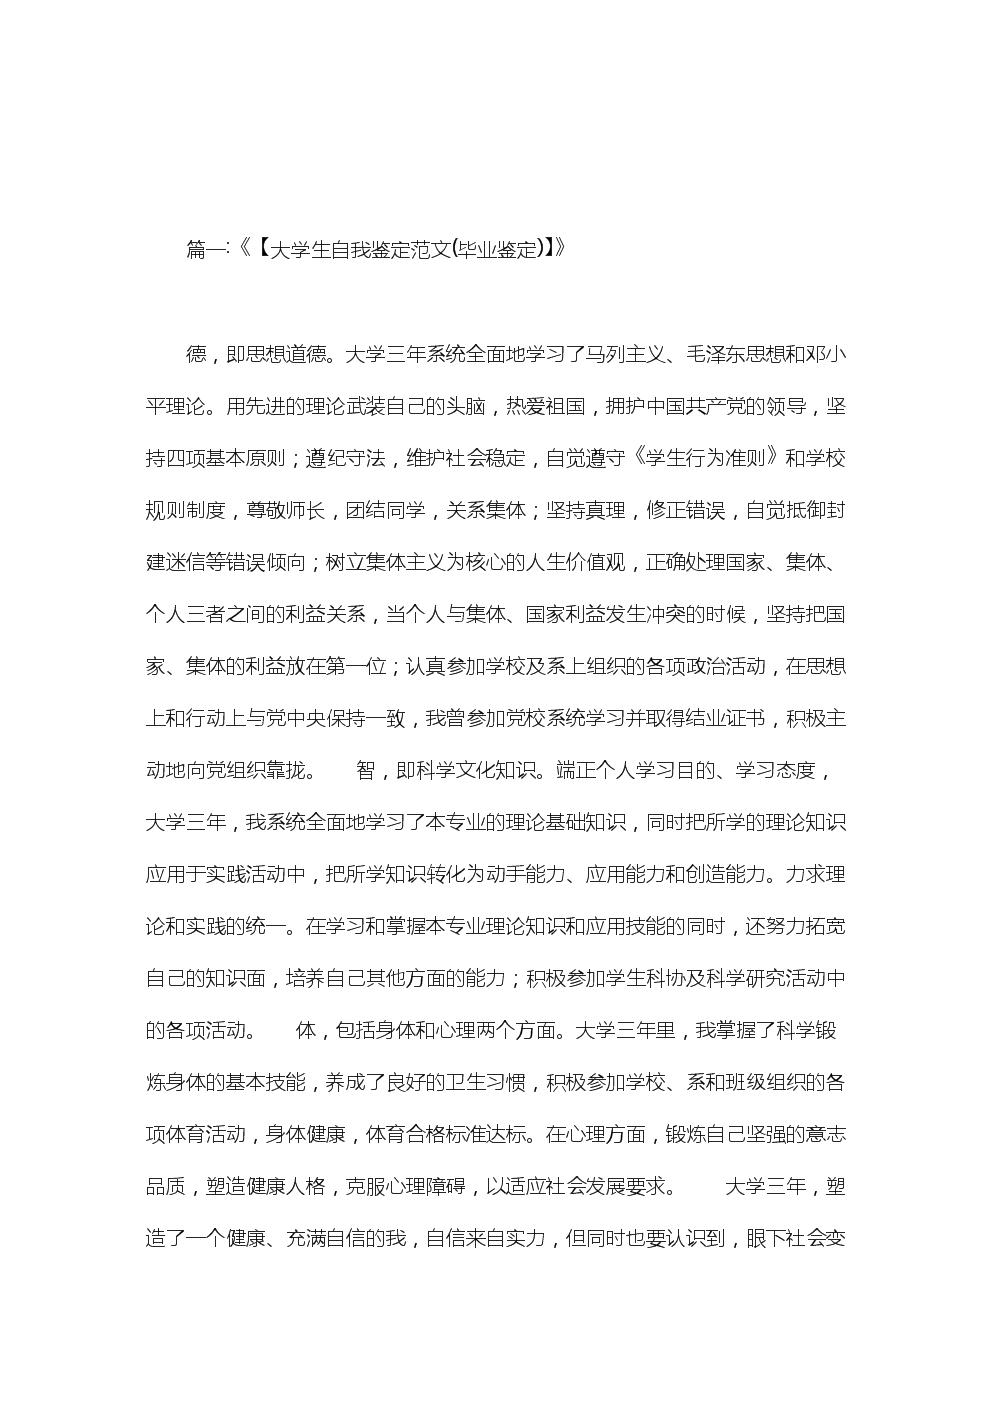 差生的毕业鉴定范文.doc